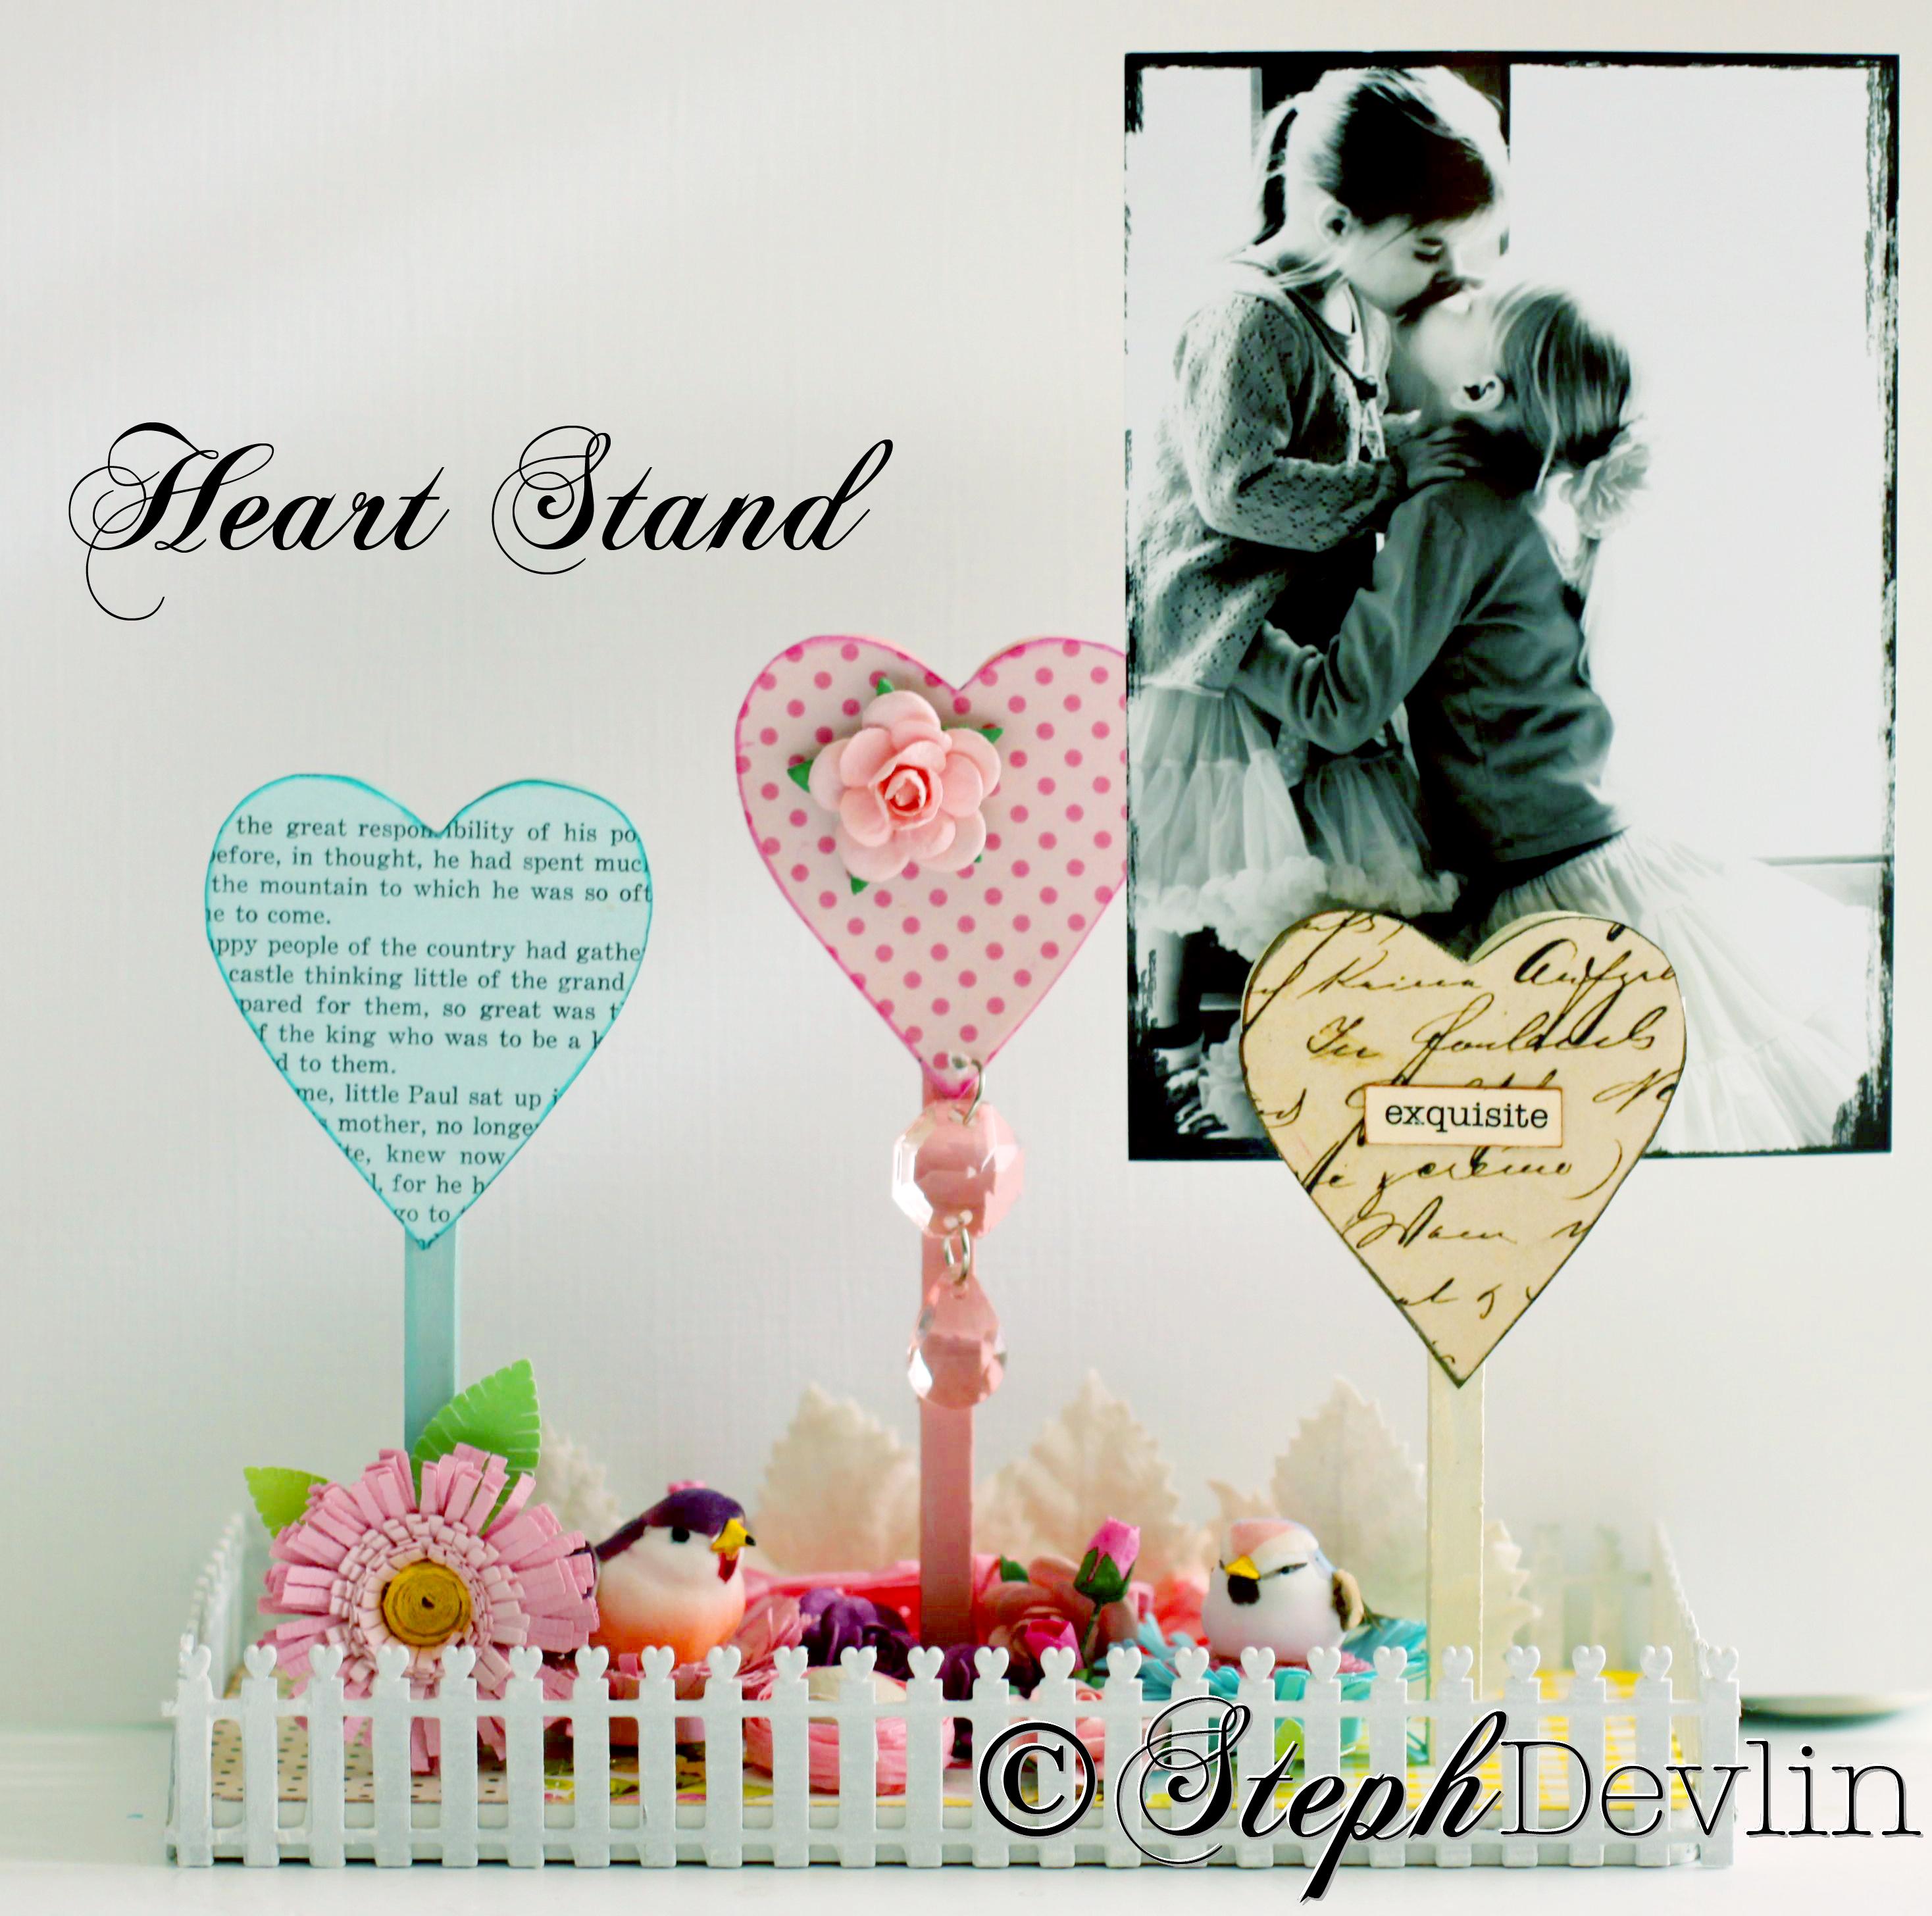 Heartstand